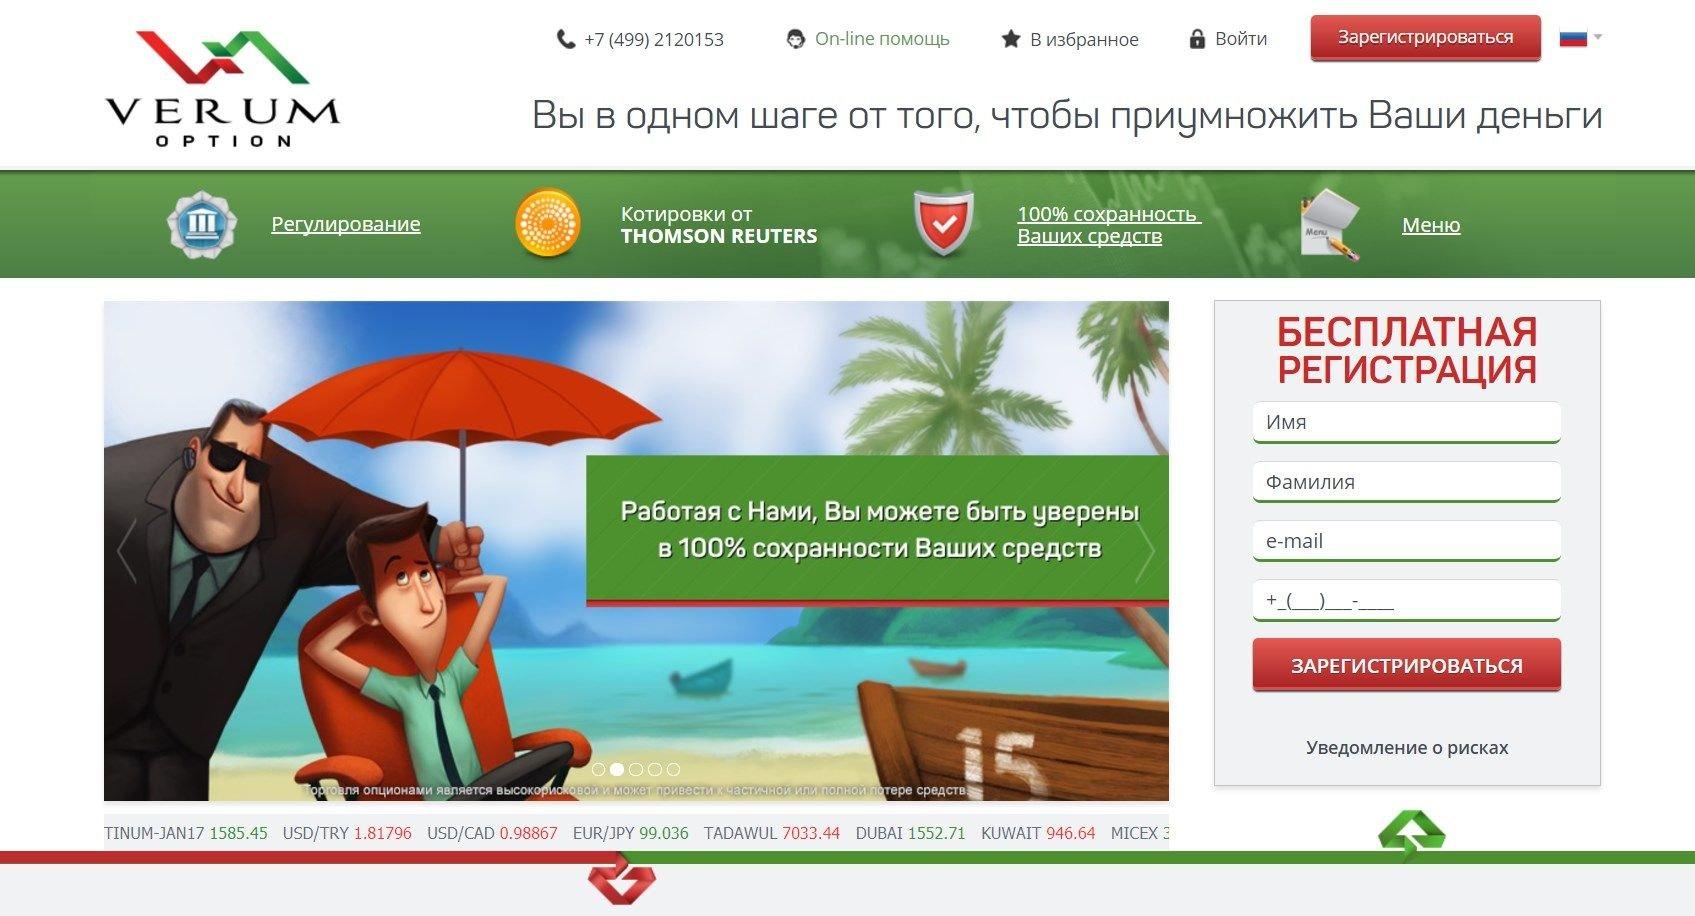 Verum Option: официальный сайт брокера предлагает бонусы и акции